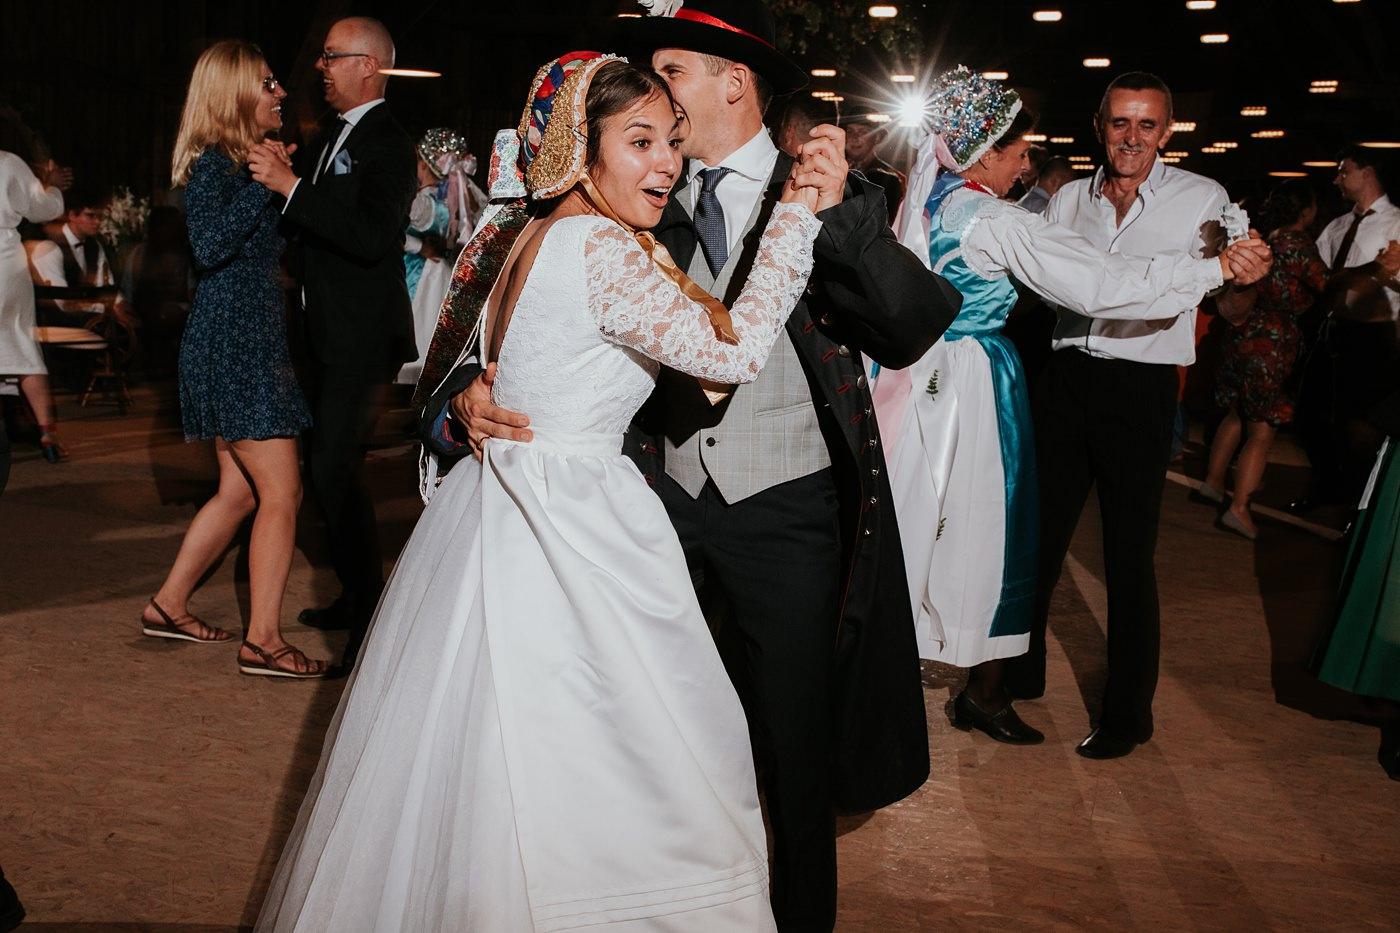 Dominika & Aleksander - Rustykalne wesele w stodole - Baborówko 144